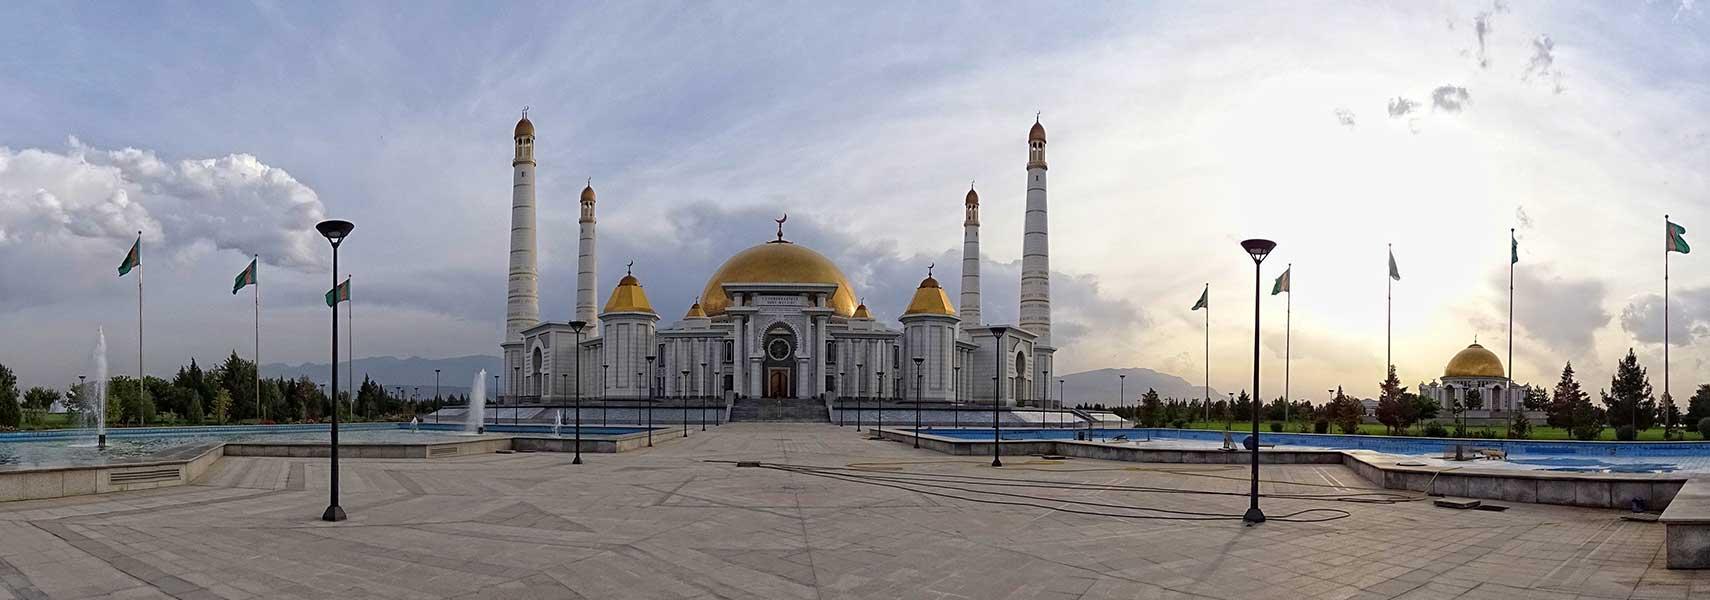 Turkmenbashi Ruhy Mosque Gypjak Mosque and Niyazov